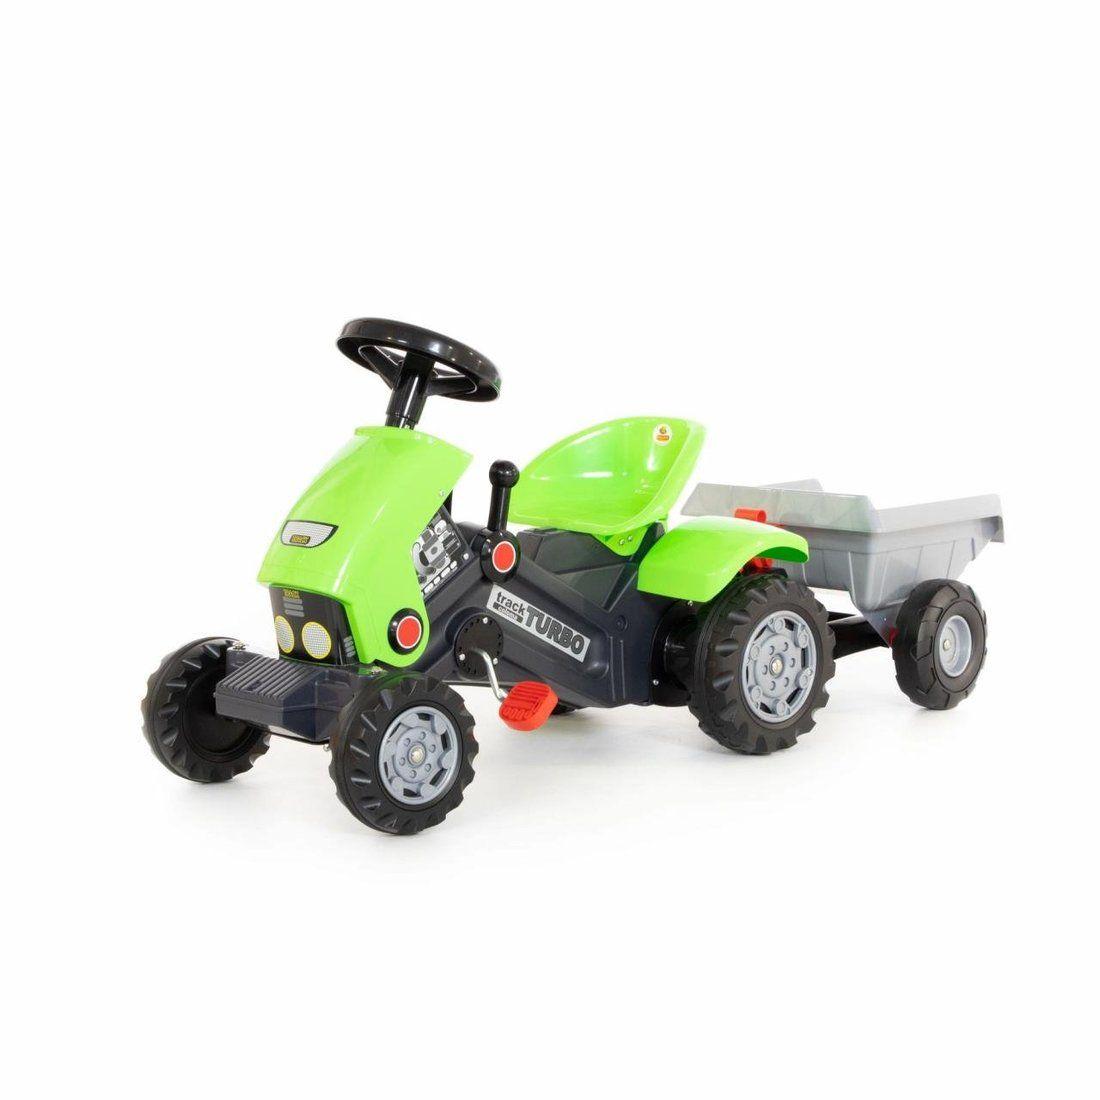 Каталка-трактор с педалями Turbo-2 с полуприцепом